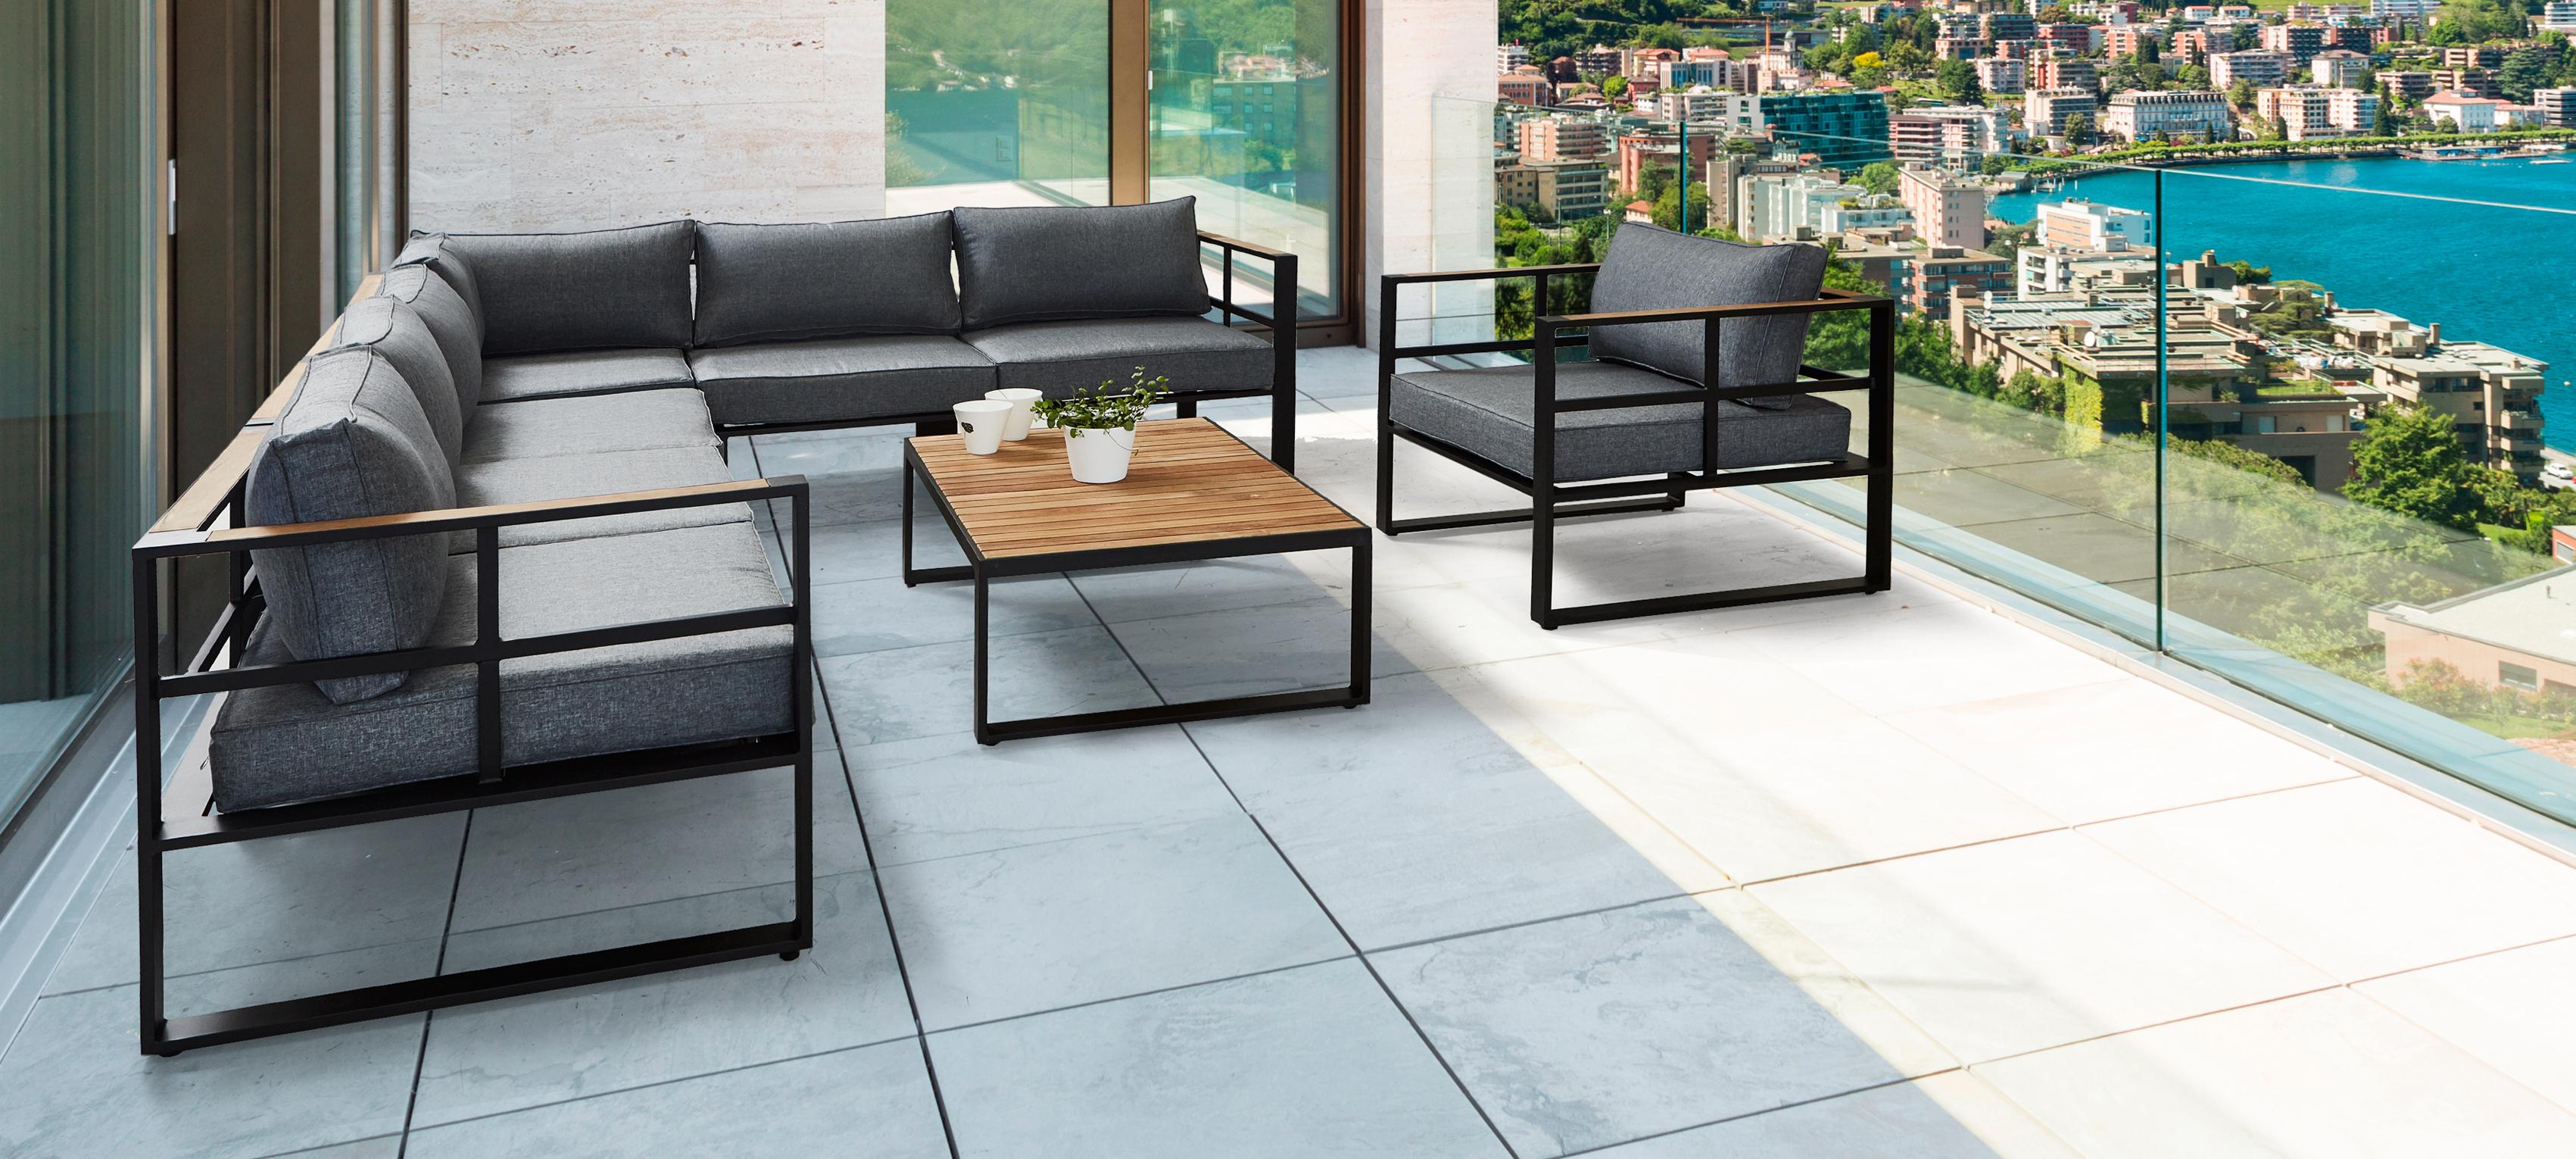 Köp designade utemöbler & trädgårdsmöbler online | Parasoll